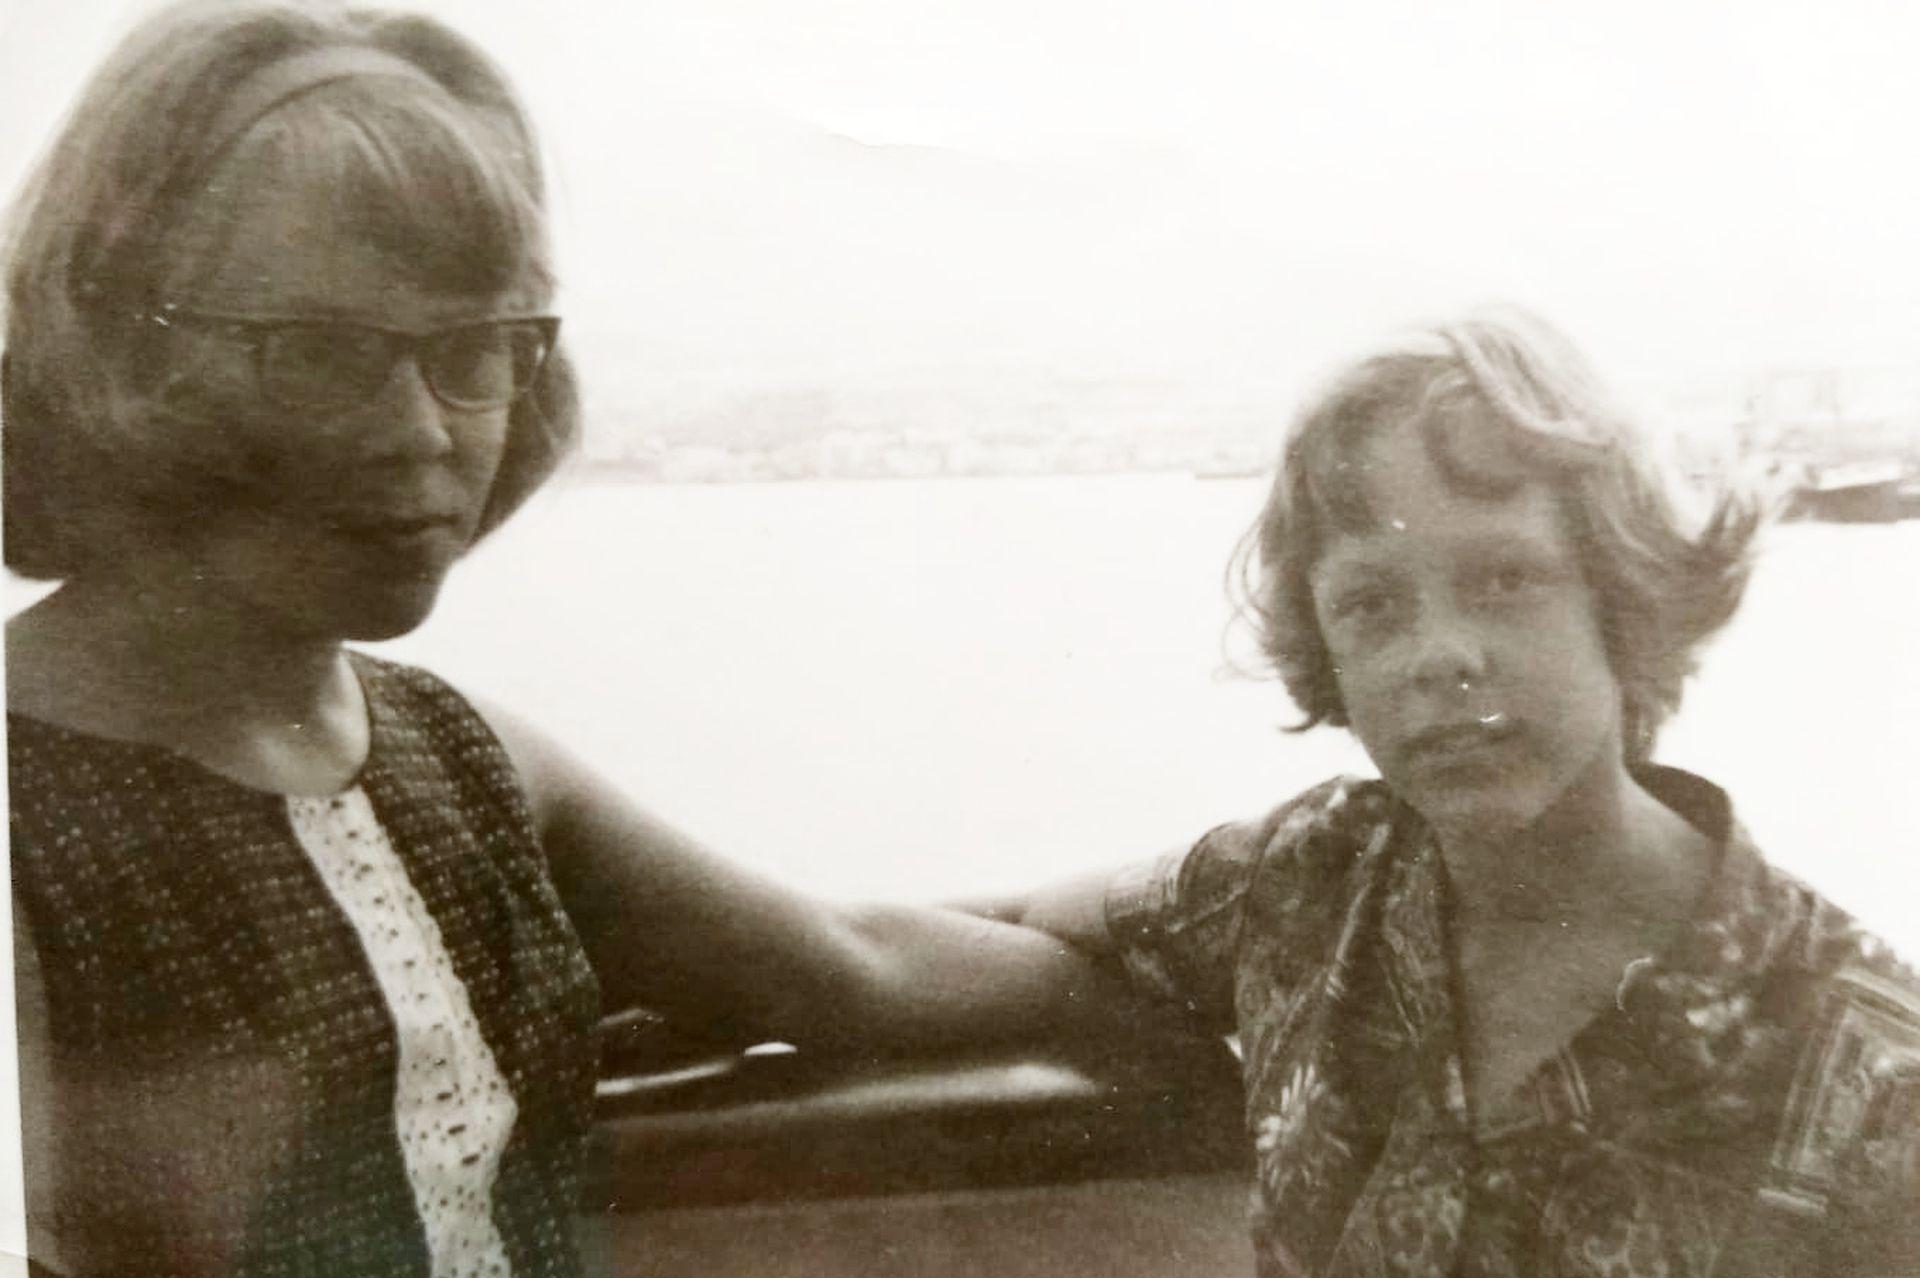 Las hermanas Lunkka en el barco de carga que las llevaría a la Argentina por primera vez. Junto a sus padres, eran los únicos pasajeros que acompañaron al capitán y sus marineros.